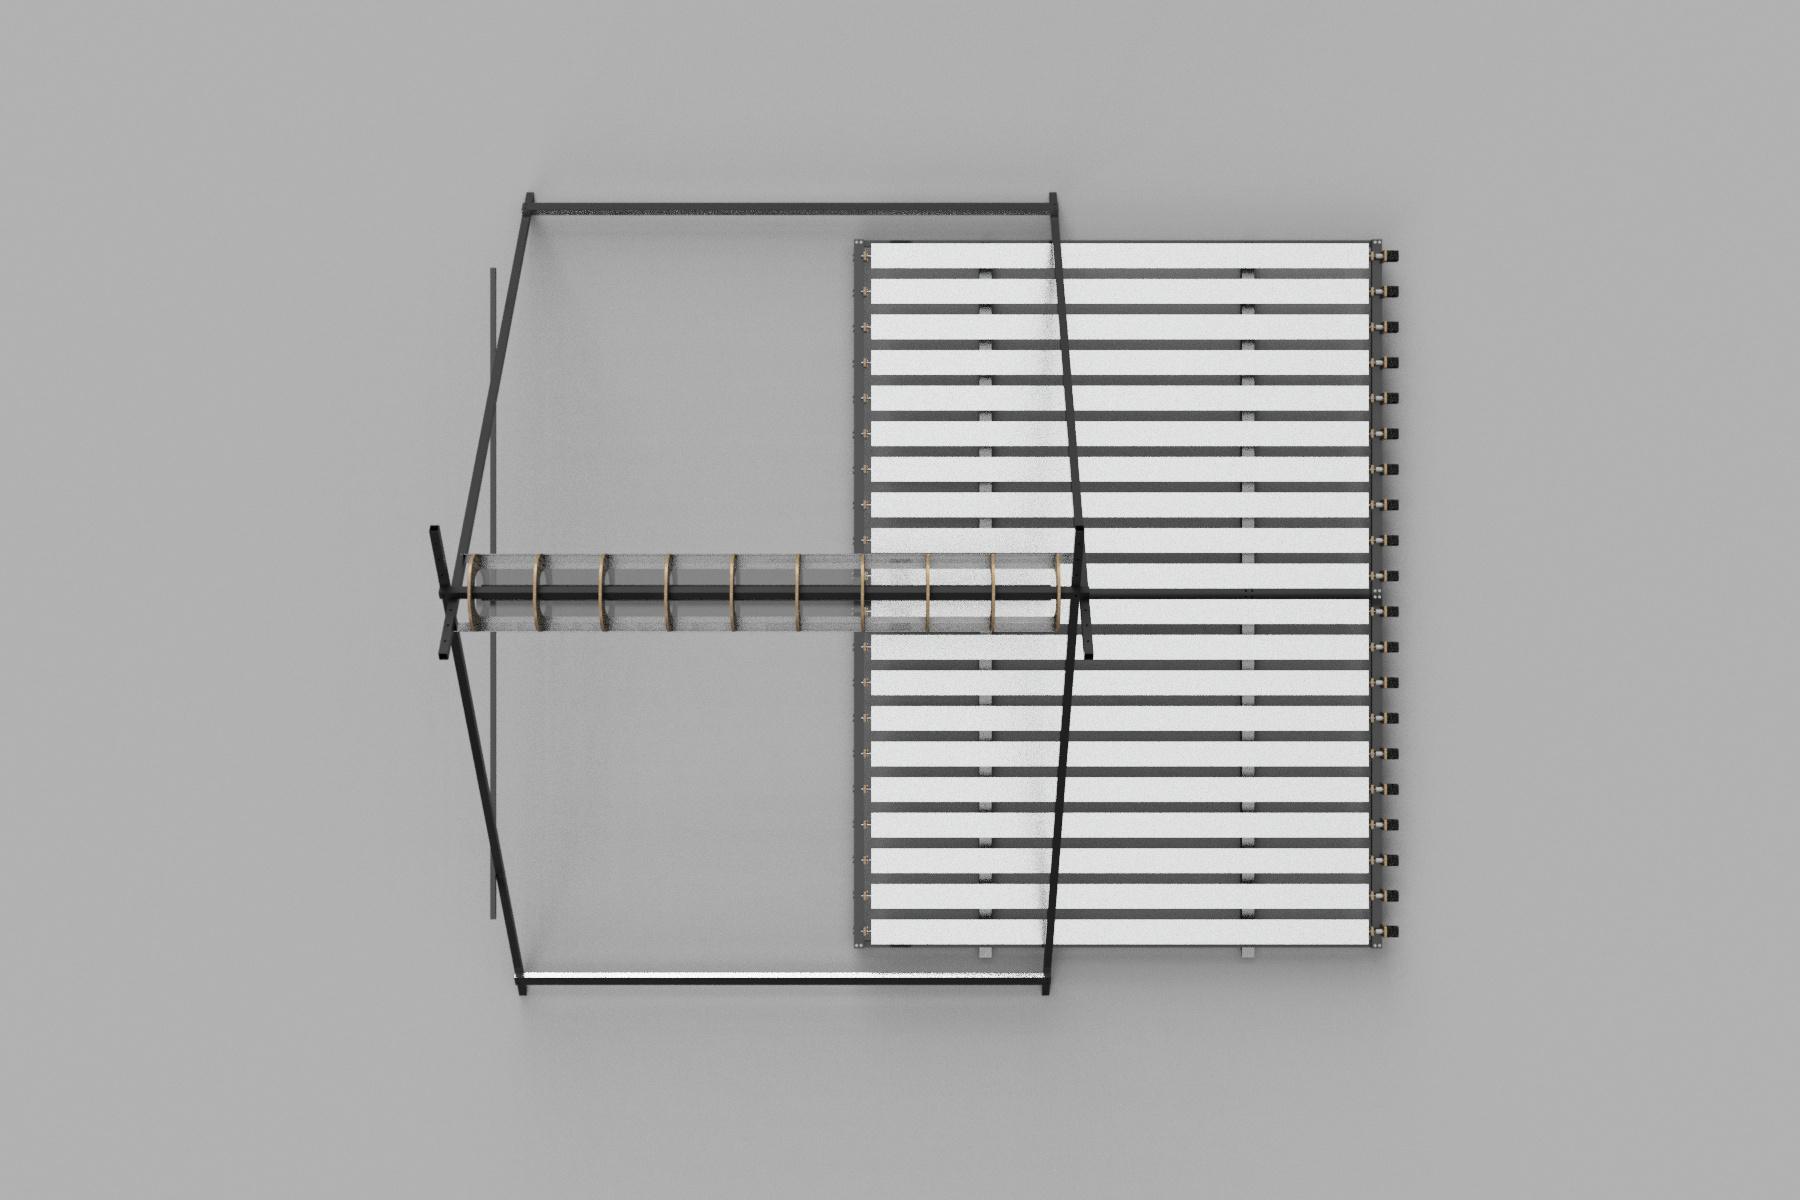 Raas-rendering20150919-18038-1nxvyfp